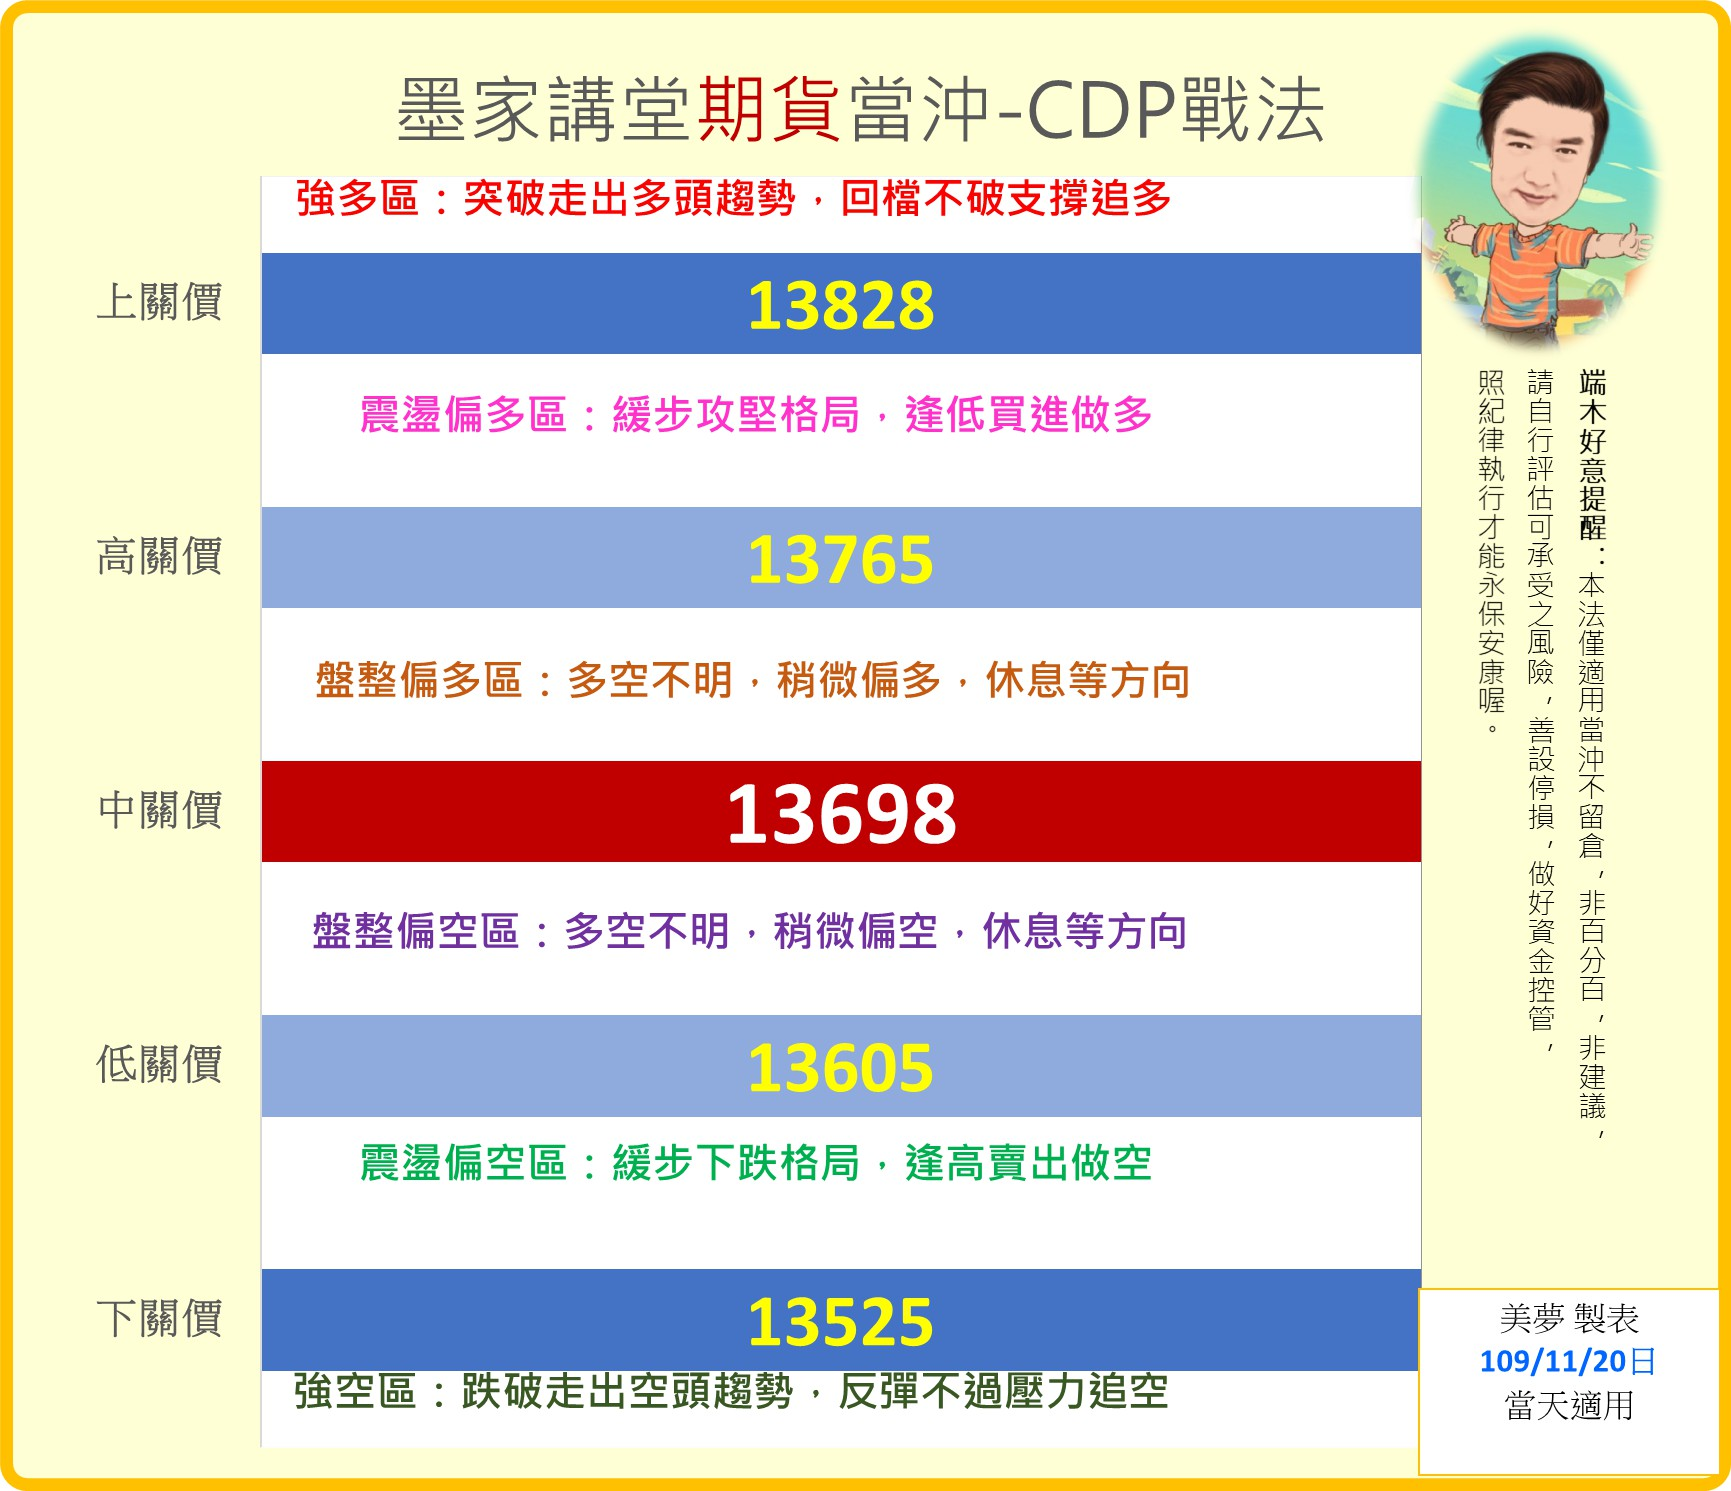 1091120 台指當沖CDP戰法